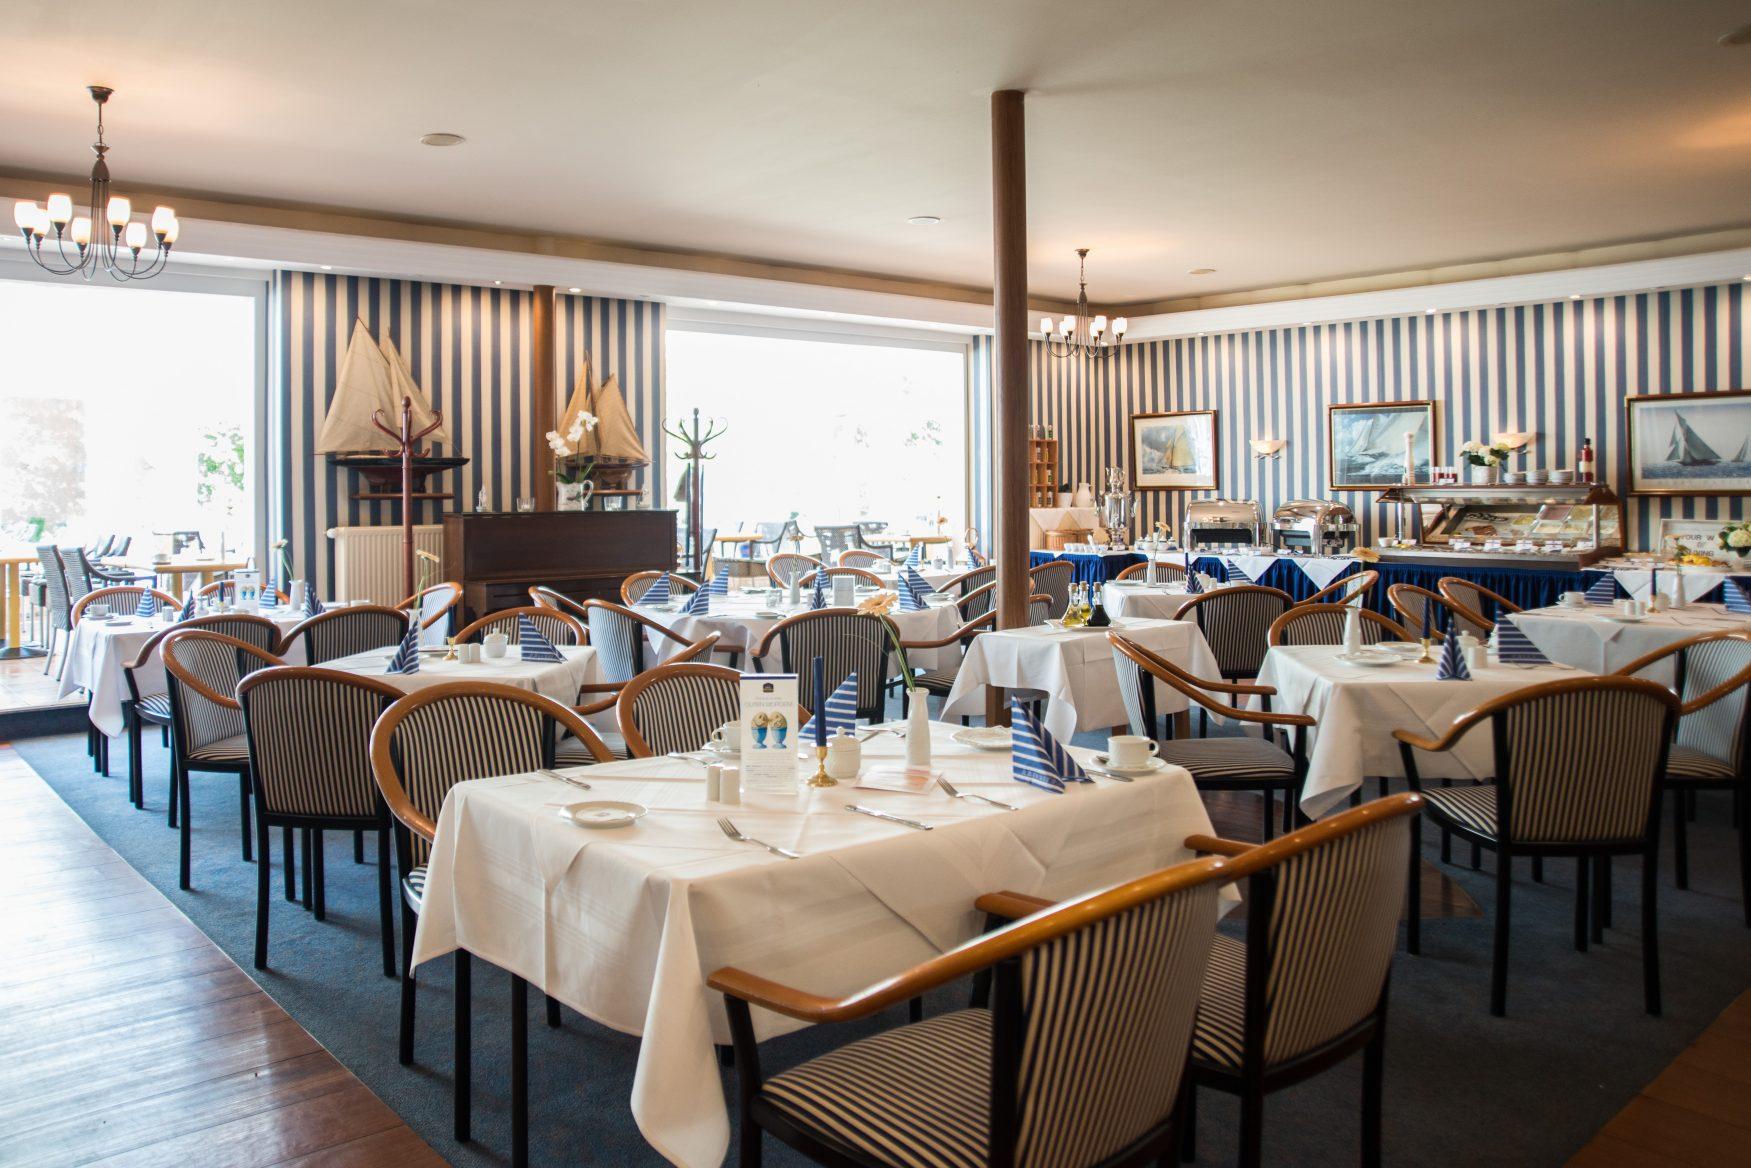 BEST WESTERN Seehotel Frankenhorst - Restaurant Bootshaus